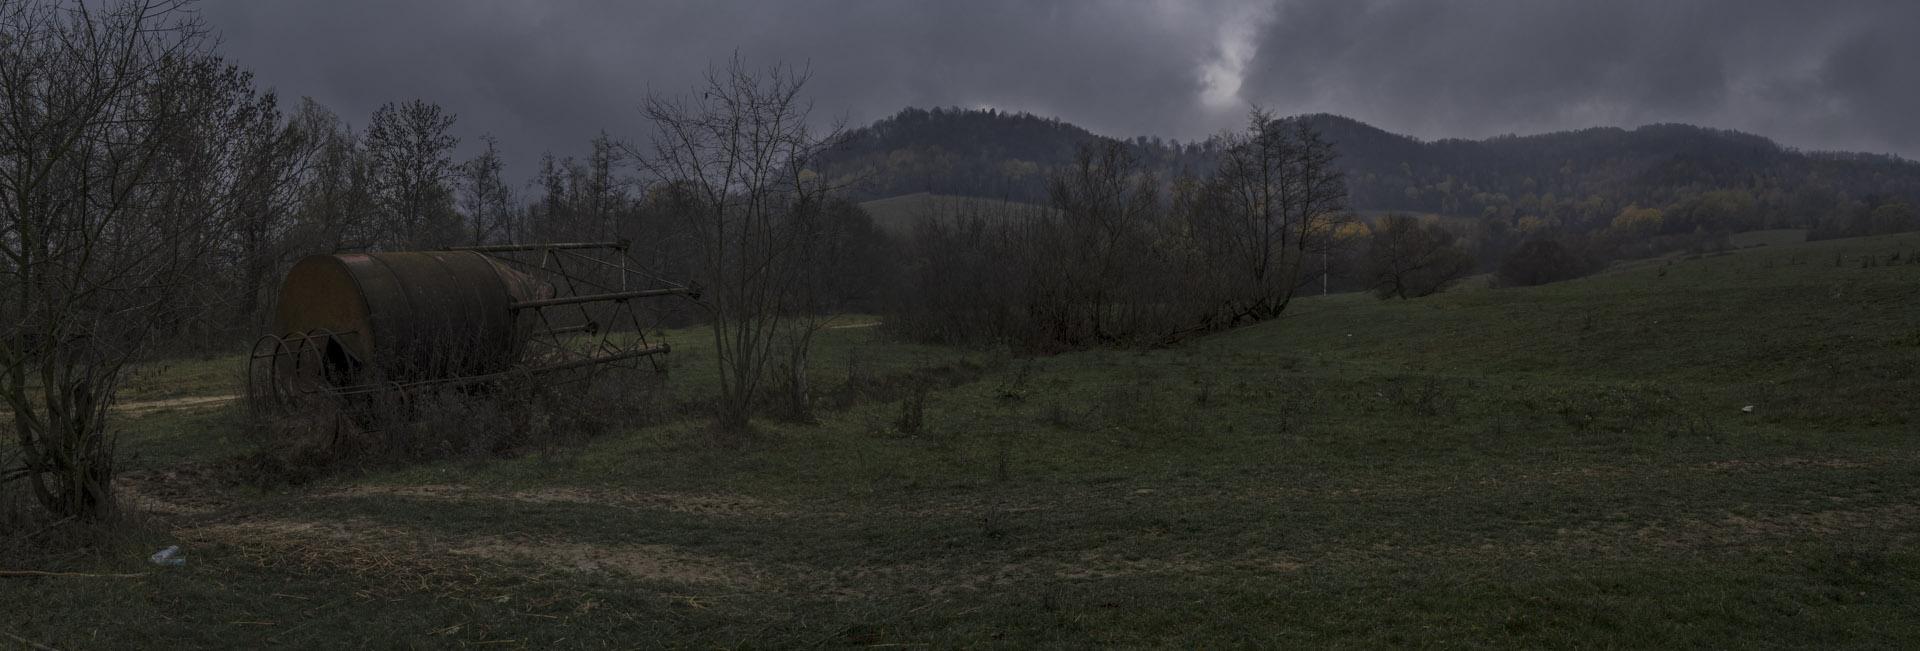 Následující galerie => Slovenské krajinky // Petr Nuska - Fotografie  - woreshack.cz